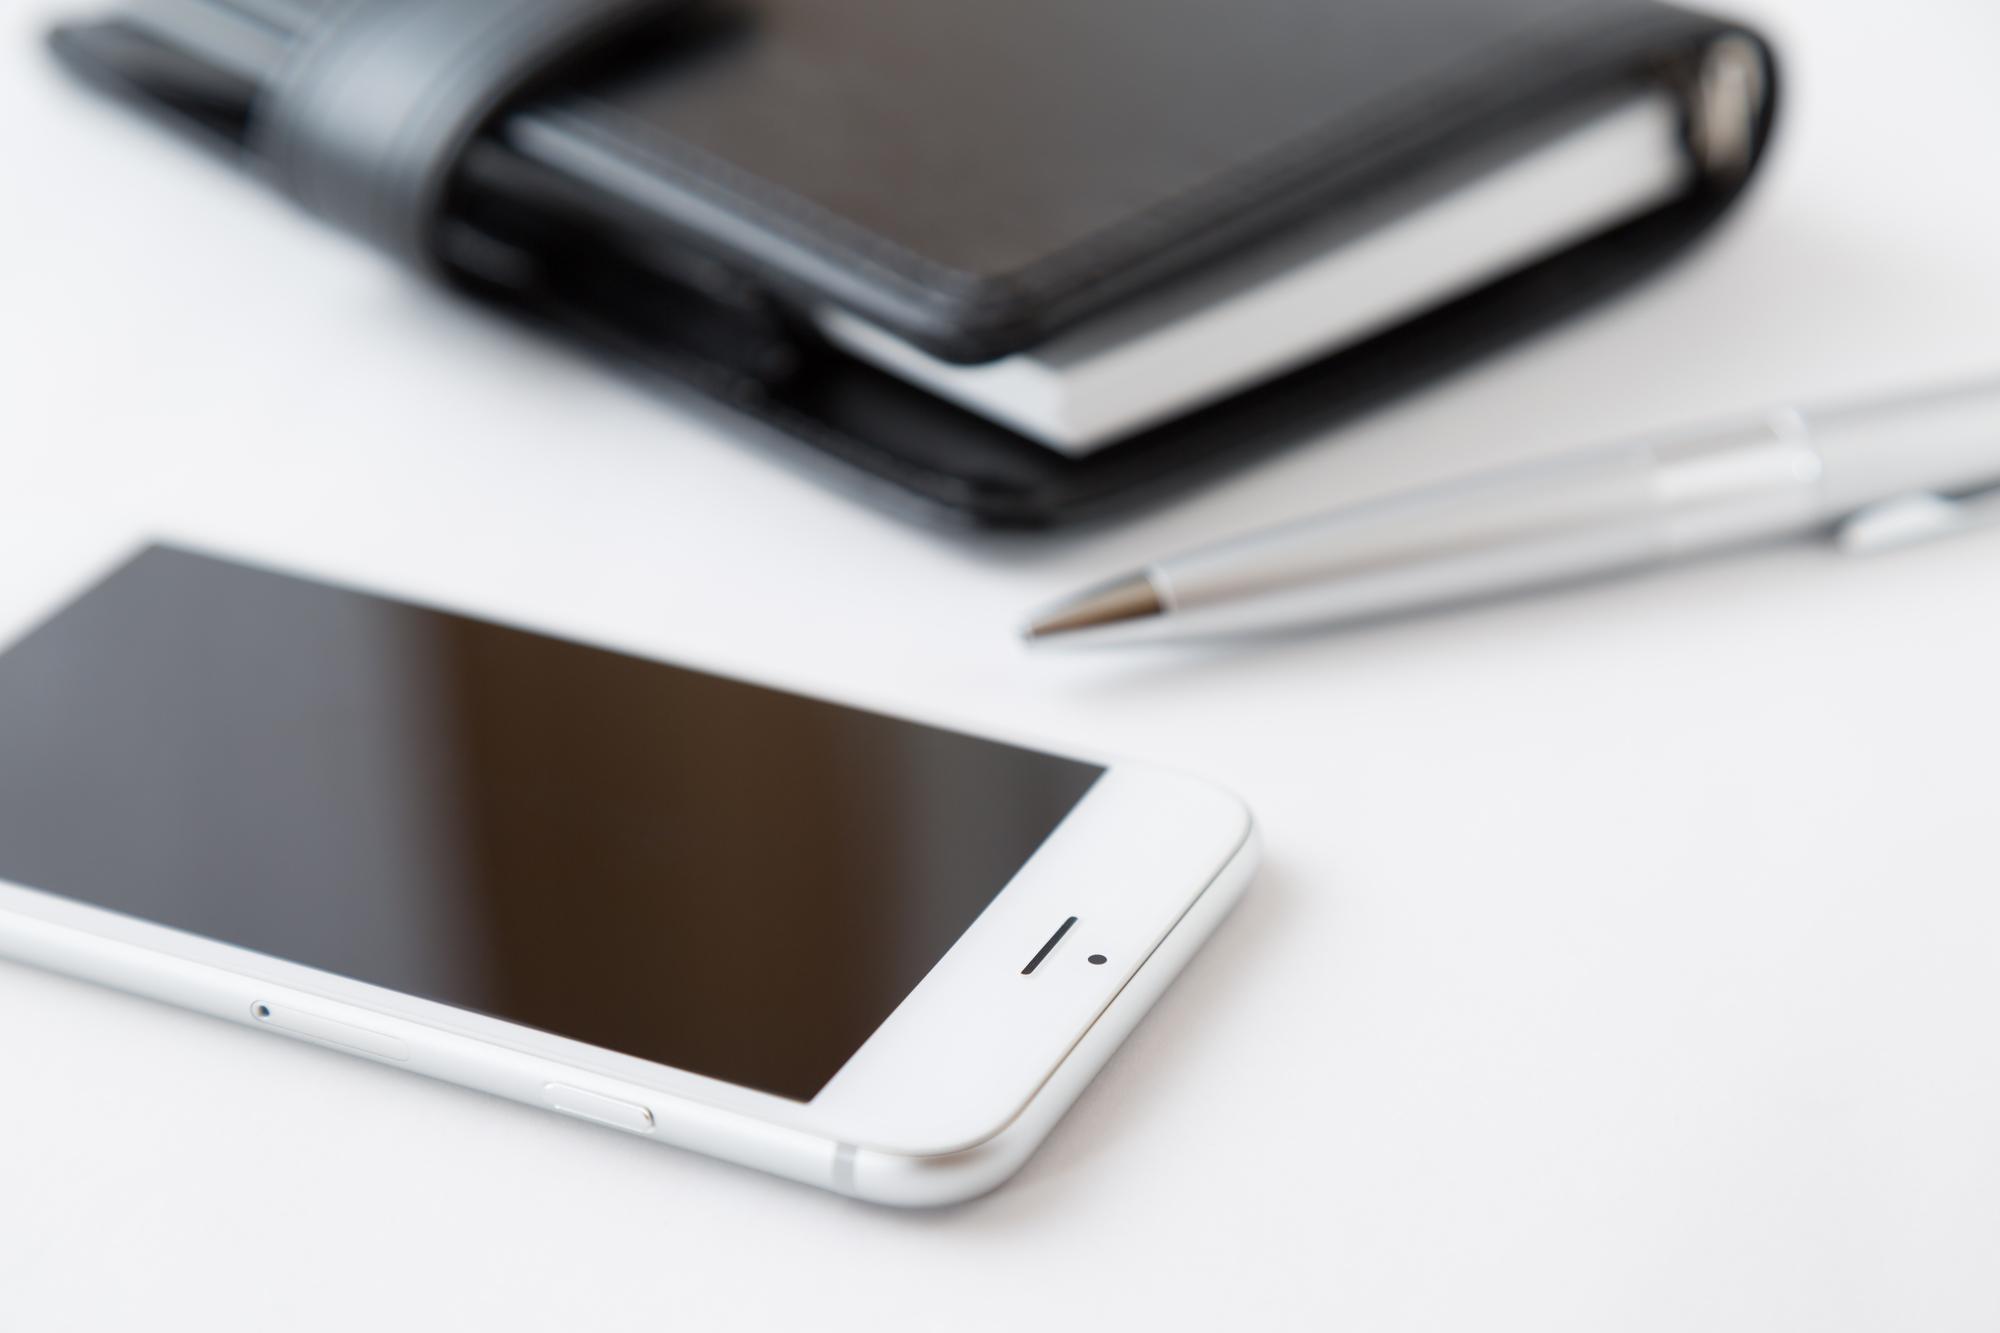 76_iPhoneの画面が突然真っ暗に!原因とすぐにやるべき対処法